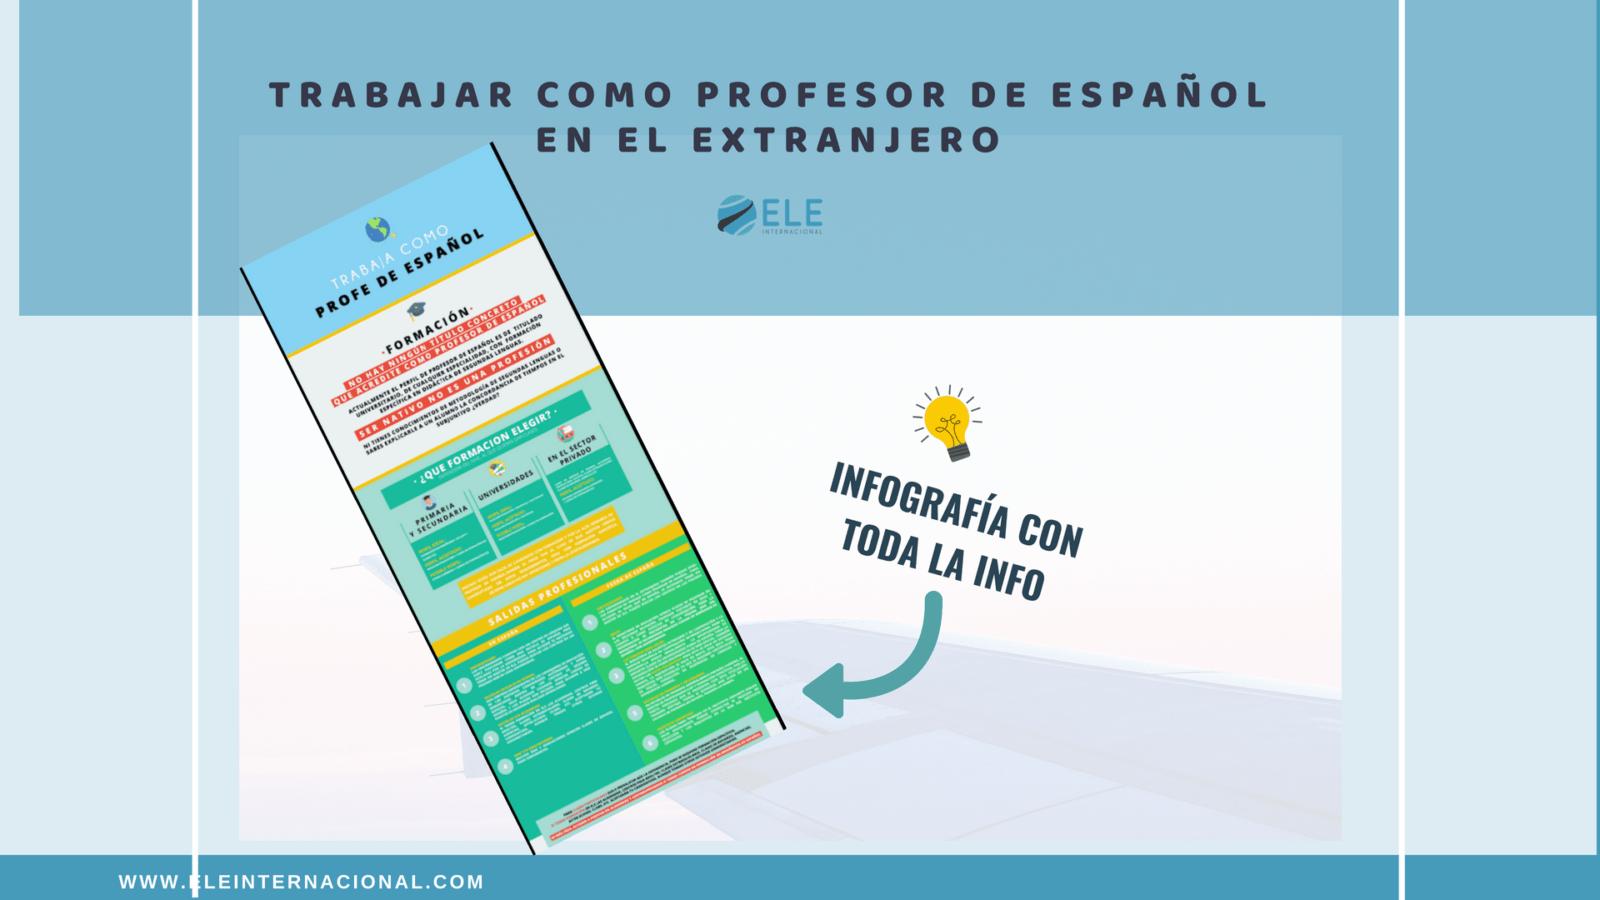 ser profesor de español en el extranjero mejores trabajos de profesor por el mundo viajar y ser profesor encontrar empleo como profesor por el mundo #spanishteacher #profedeele